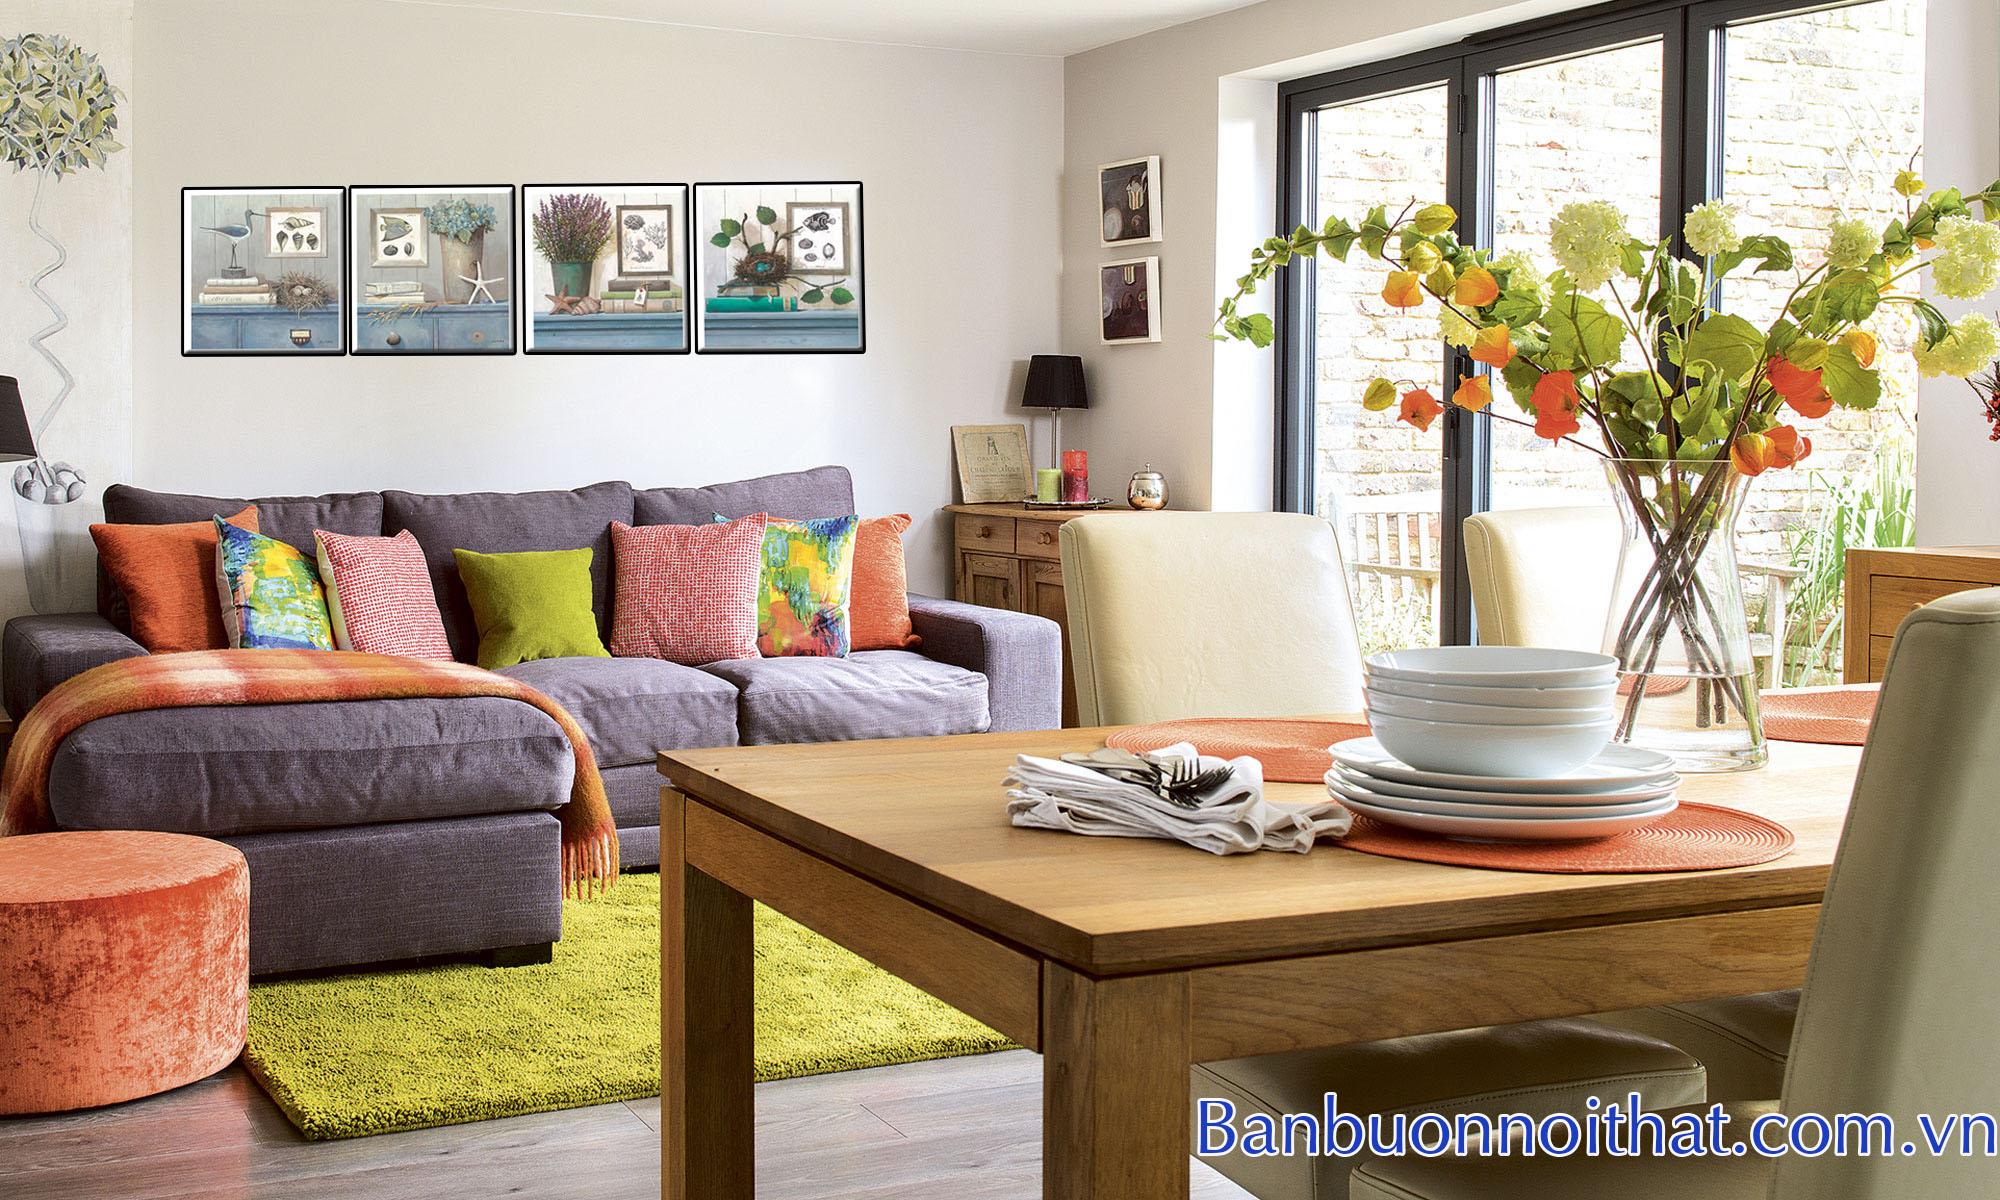 Tranh Vintage tạo điểm nhấn cho phòng khách nhiều màu sắc